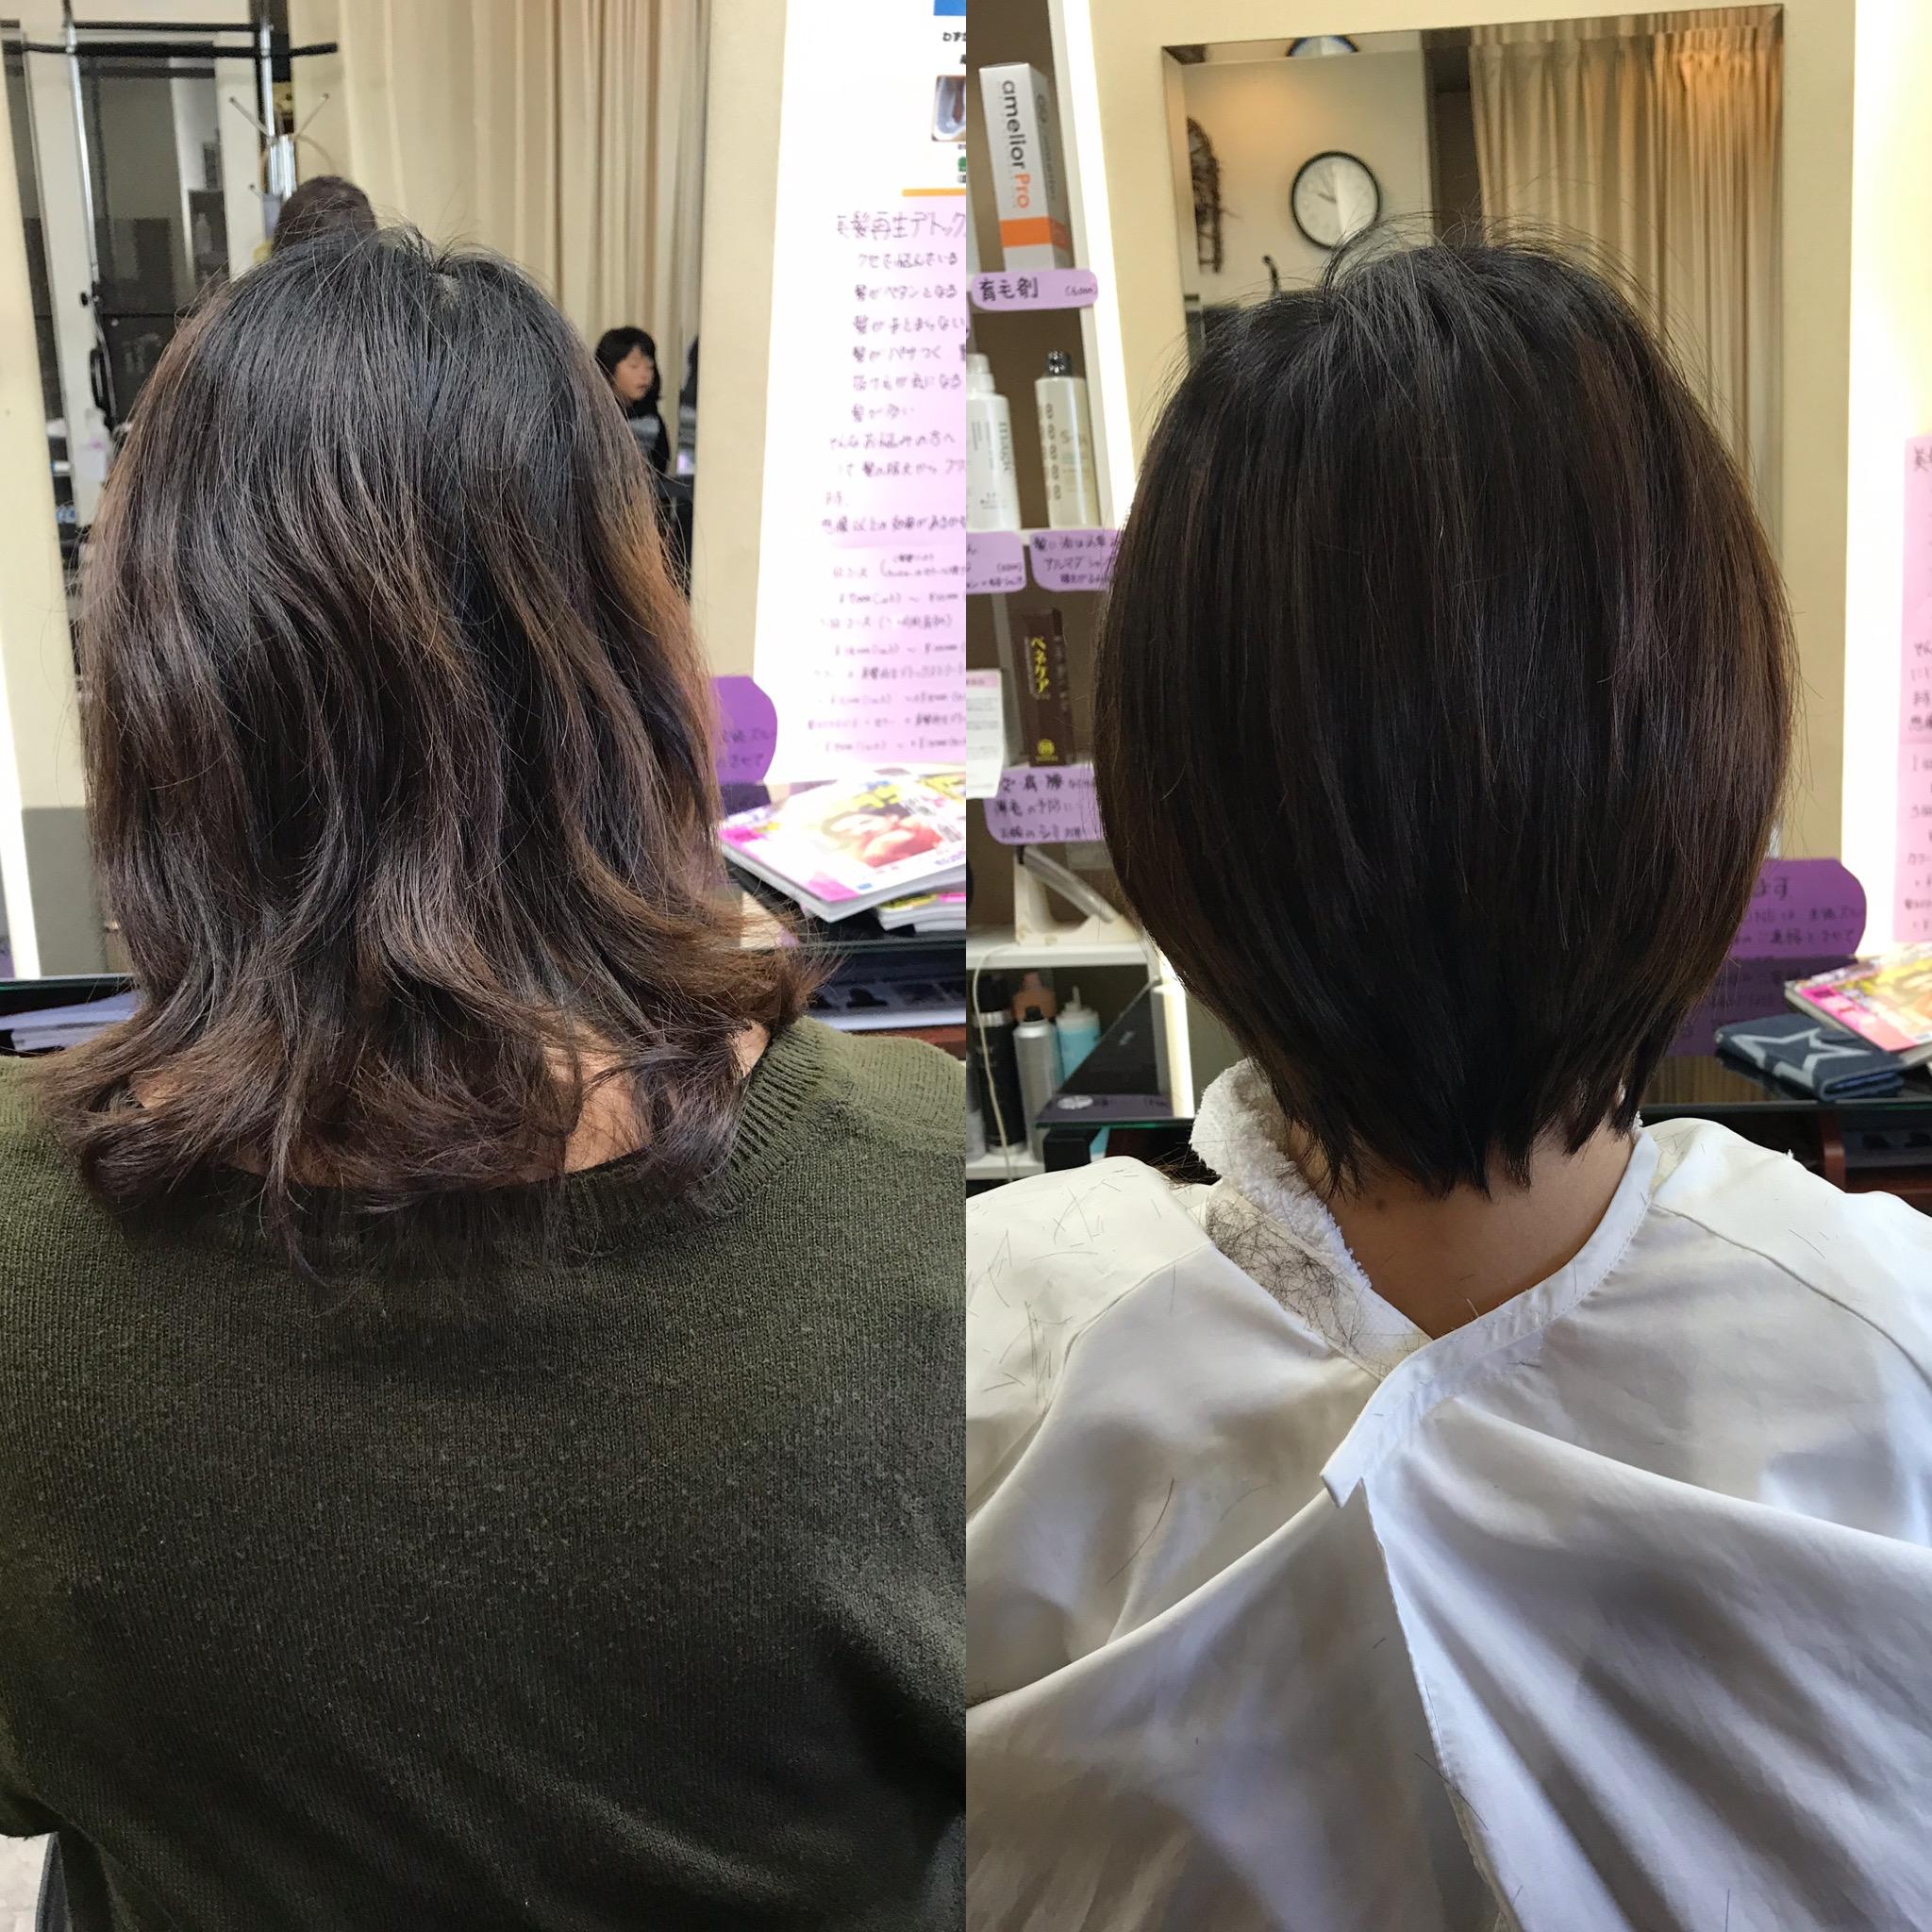 直毛からくせ毛に変化? その原因は?